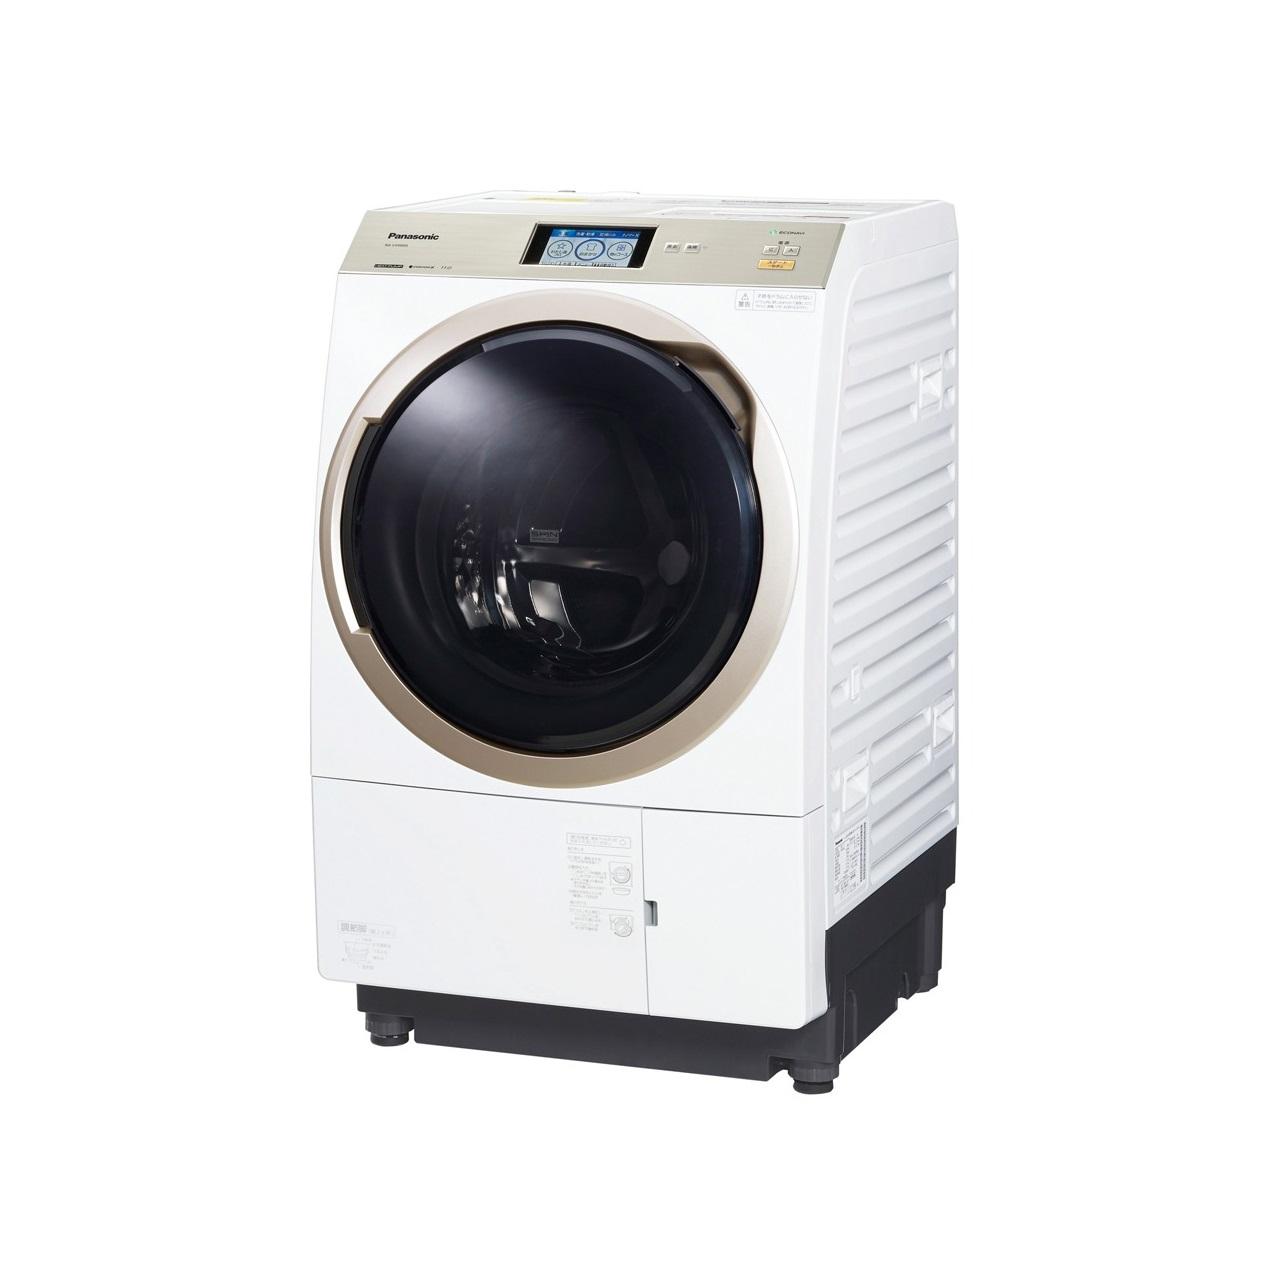 パナソニックNA-VX9900ななめドラム洗濯乾燥機